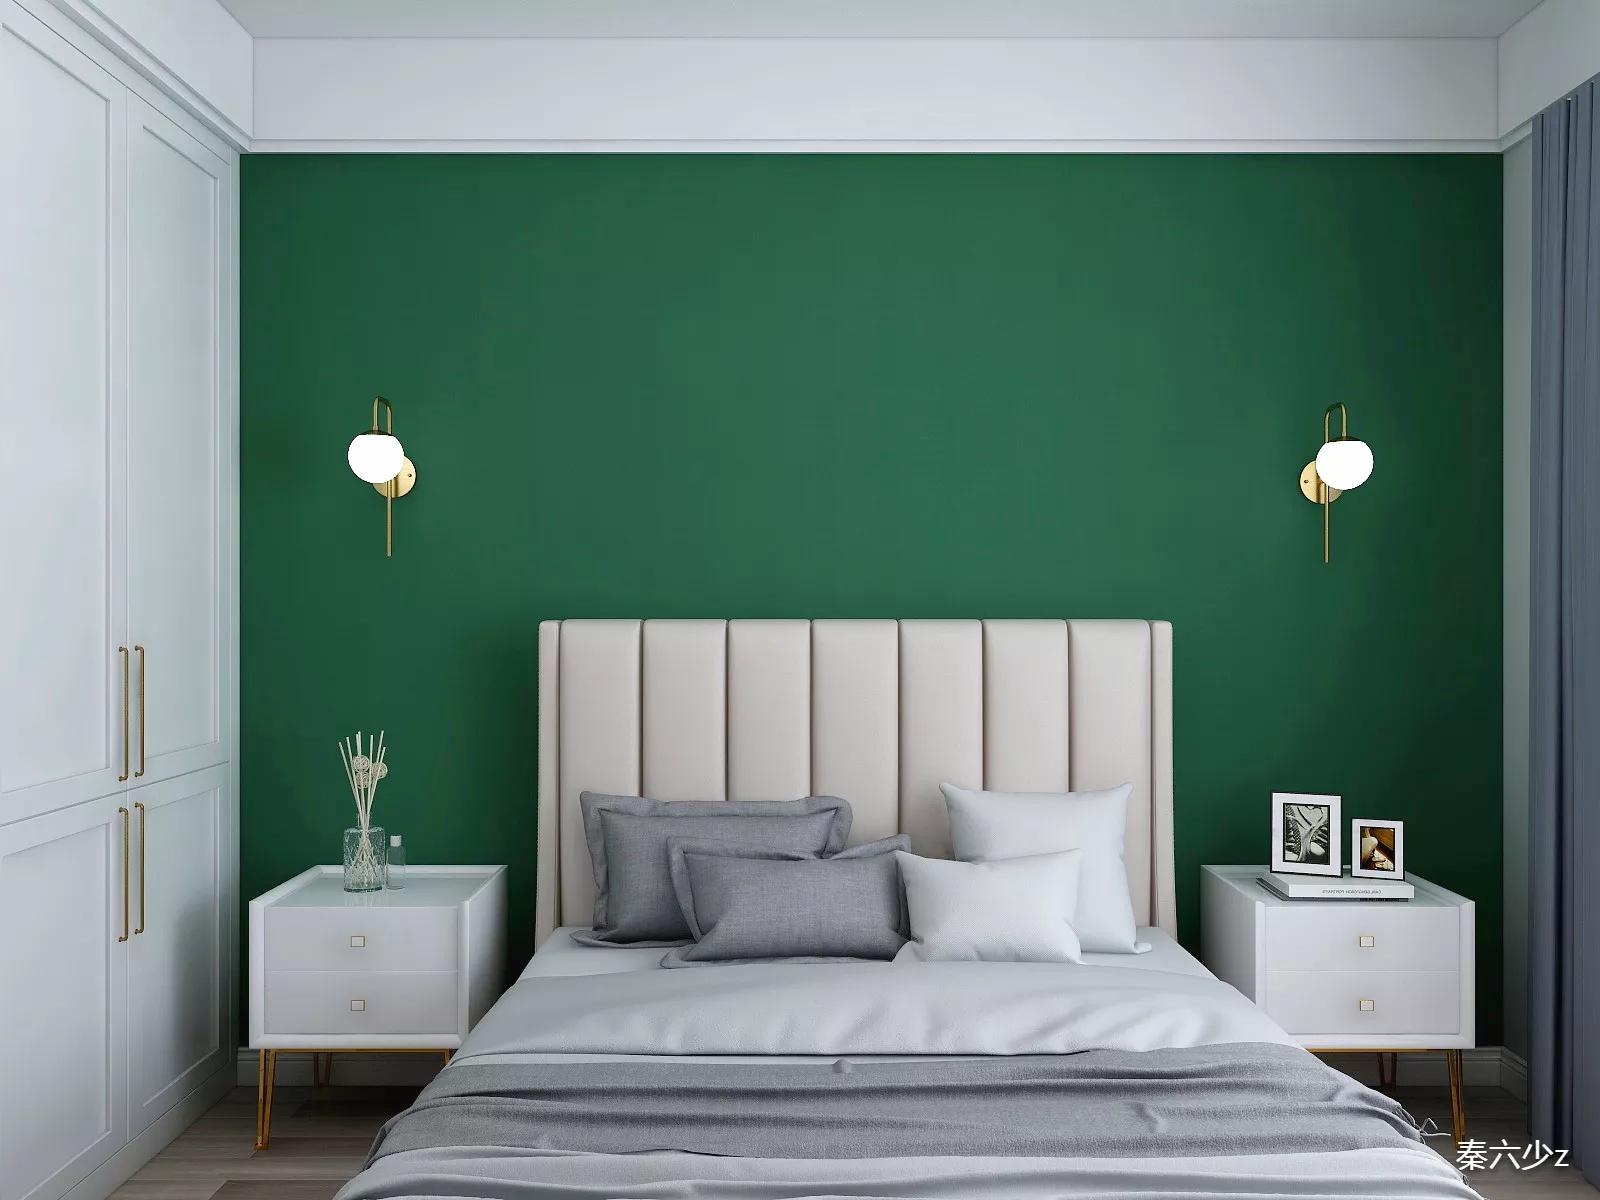 清新绿色露台设计效果图